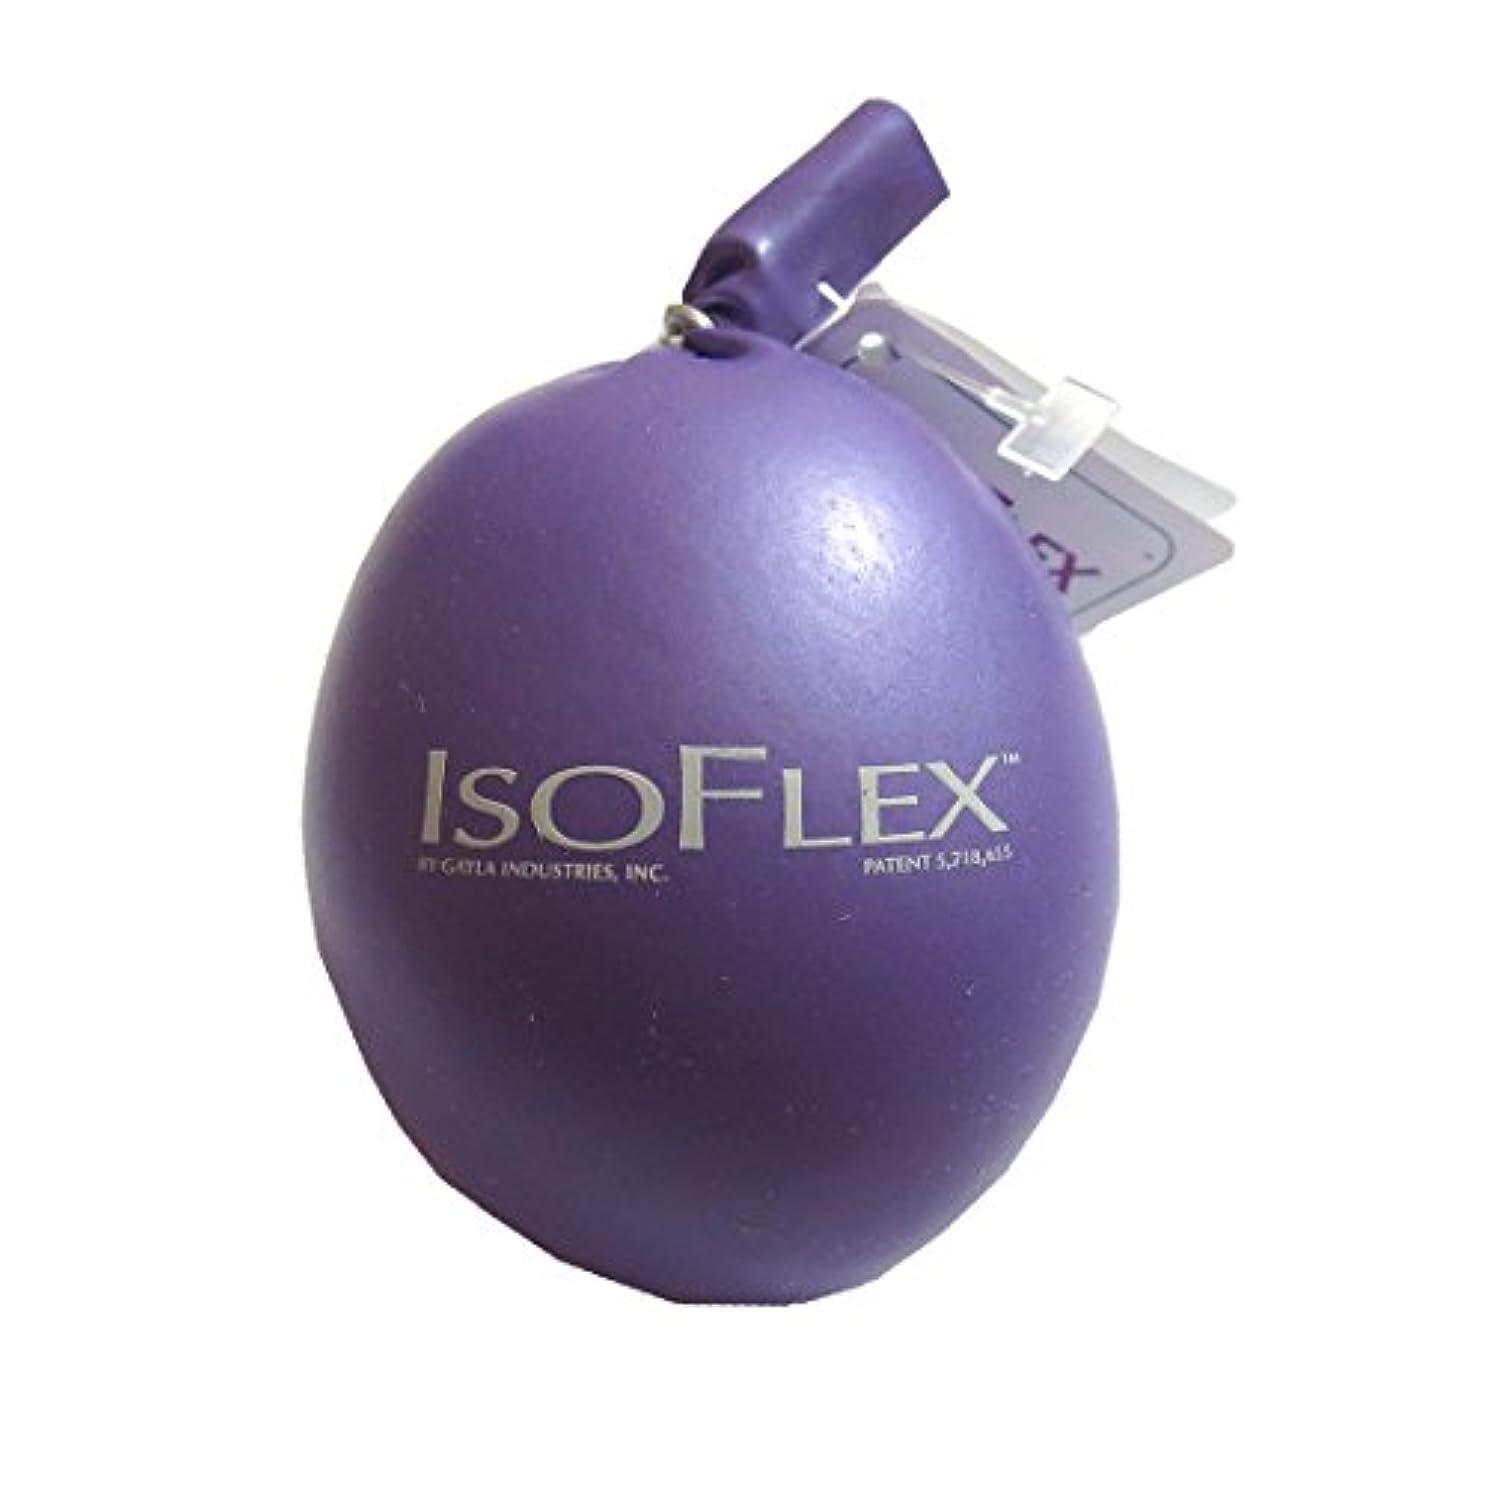 説得力のある酸度取り戻すIsoflexラベンダーStress Ball Handマッサージャー